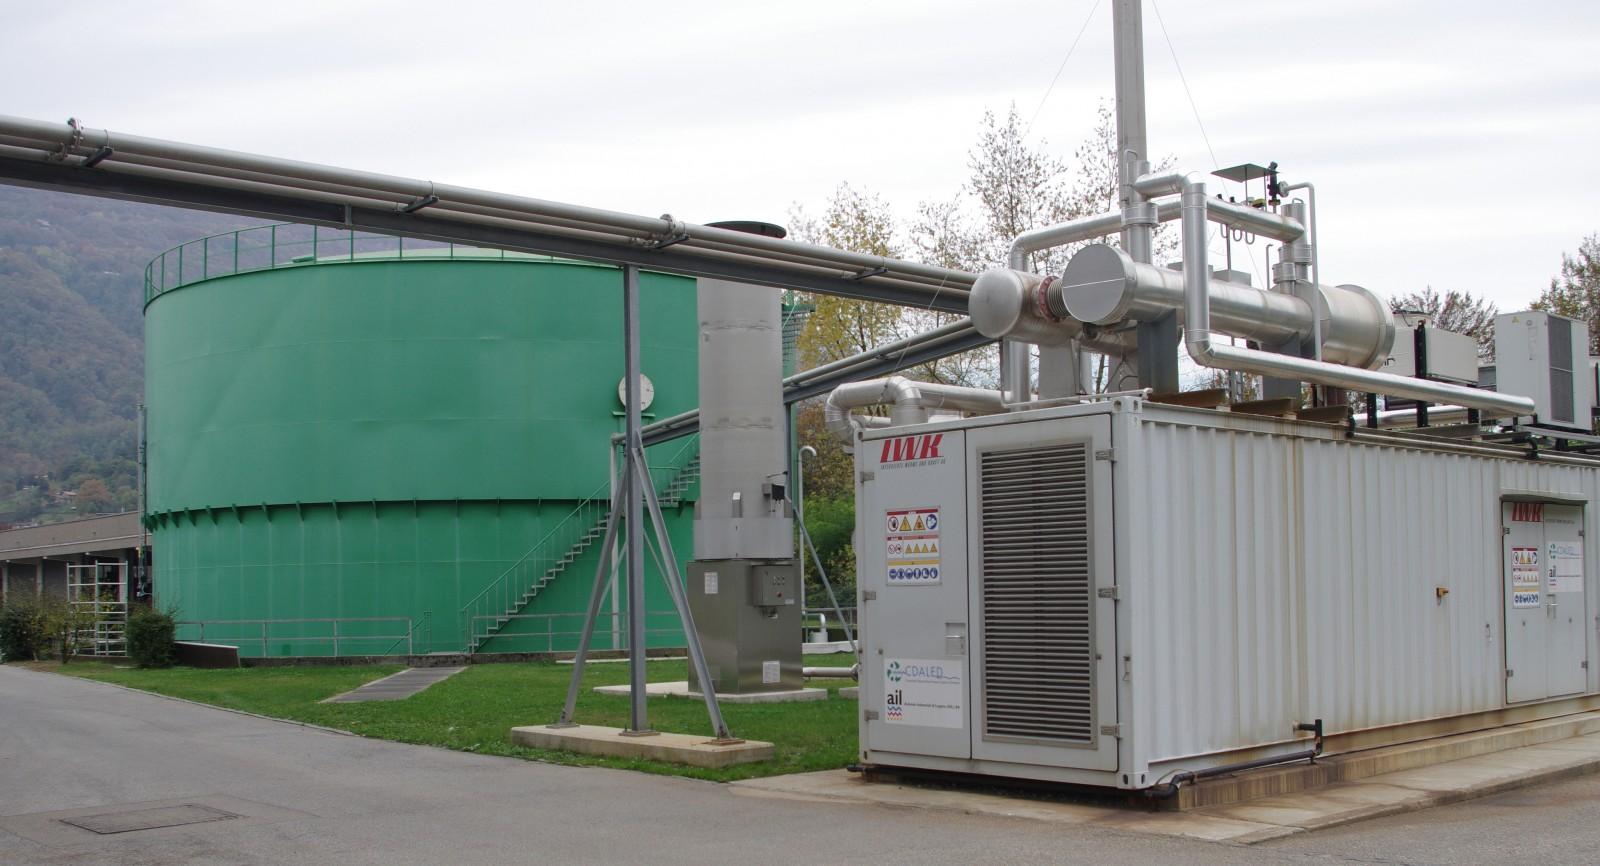 Der gross dimensionierte Klärgas-Speicher ermöglicht einen kontinuierlichen Betrieb des BHKW.